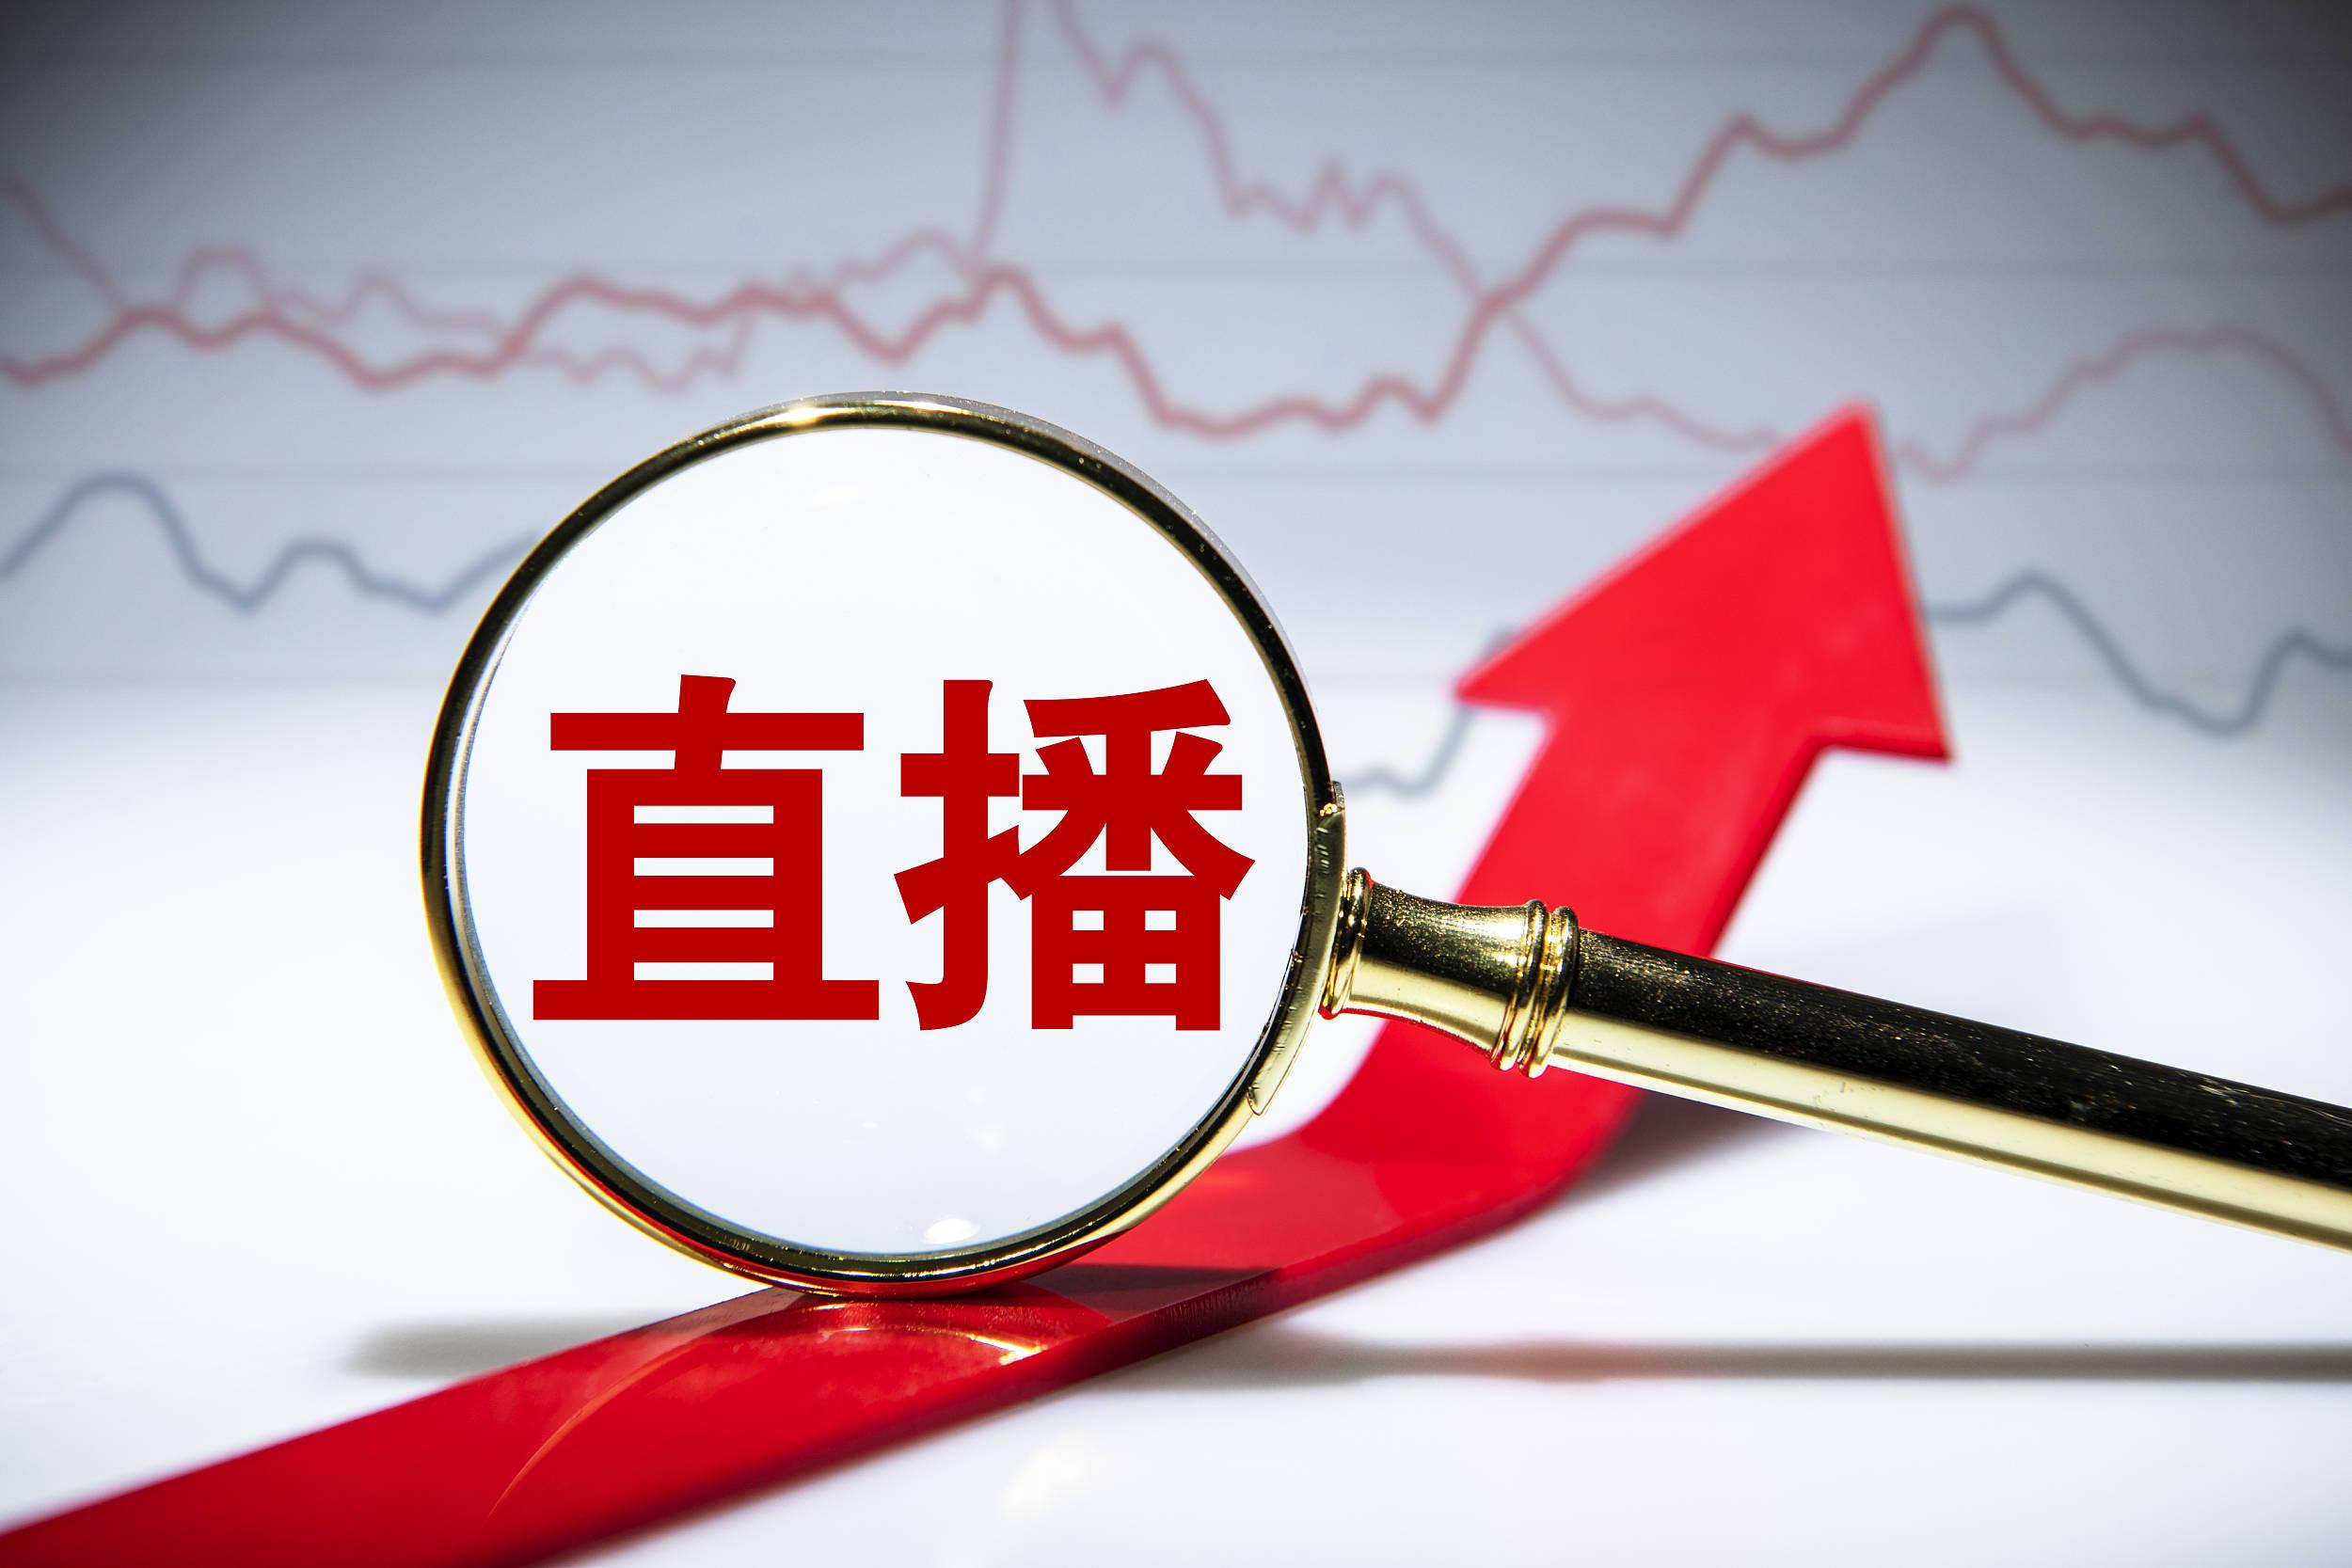 经济总量增速在投资分析中的意义_swot分析